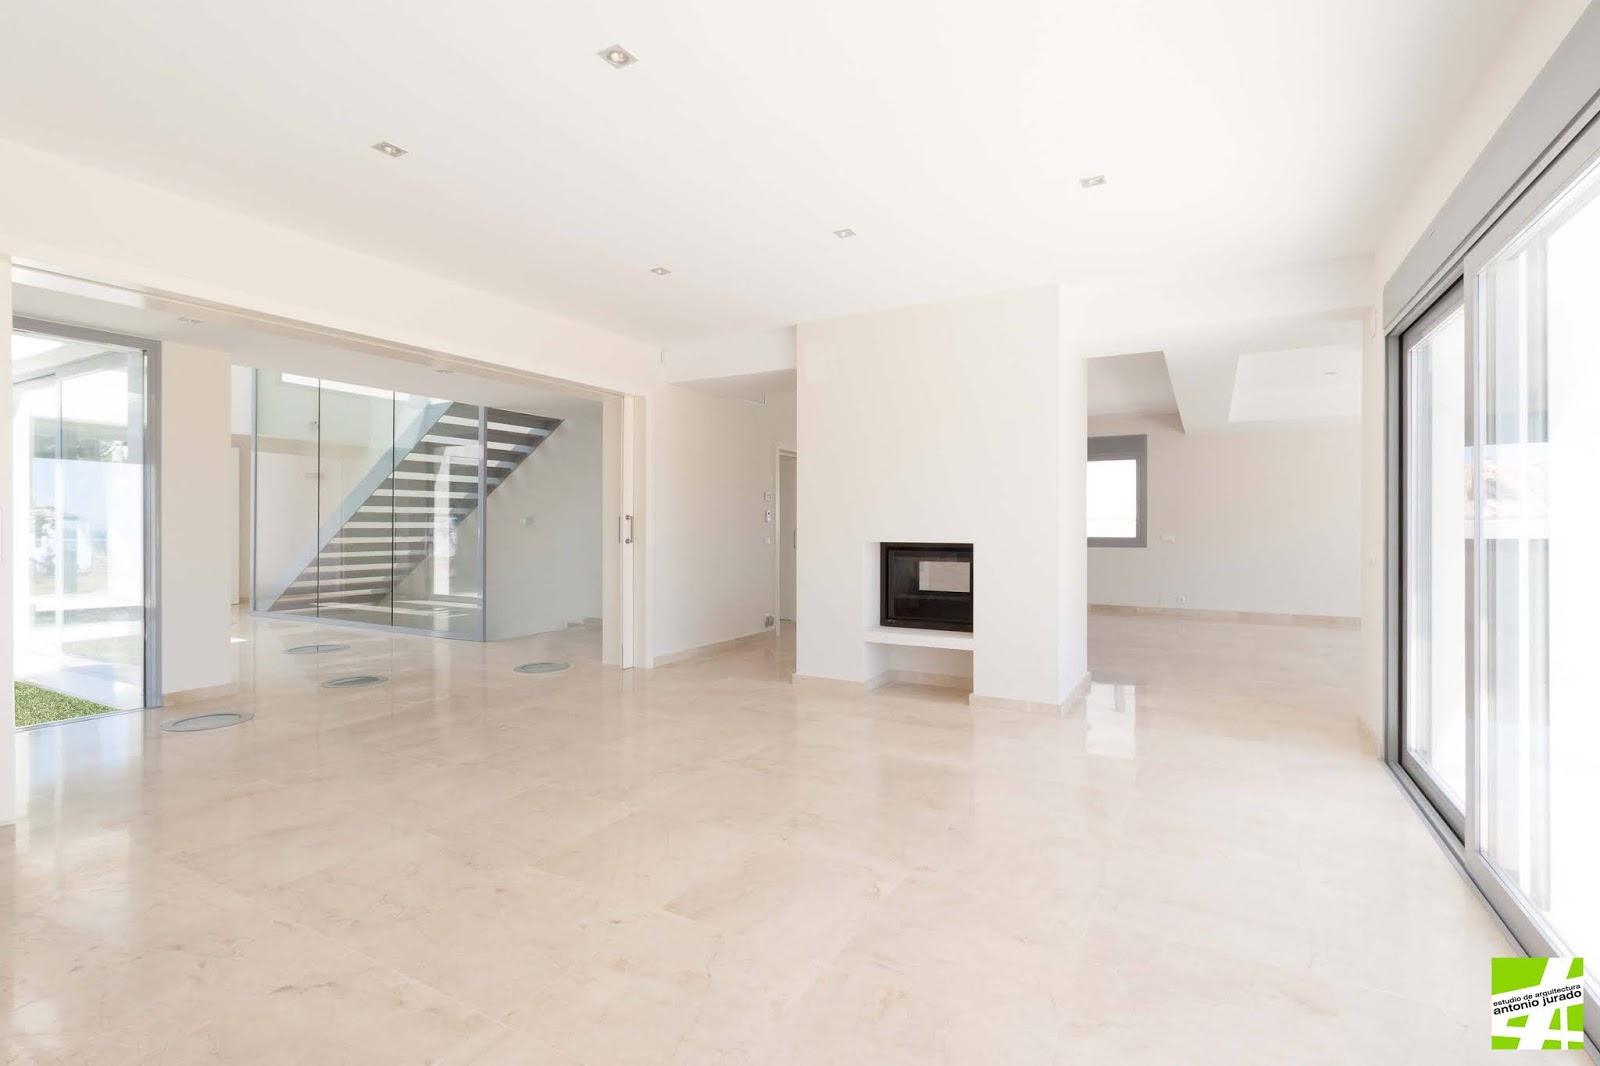 casa-ph-marbella-malaga-antonio-jurado-arquitecto-06